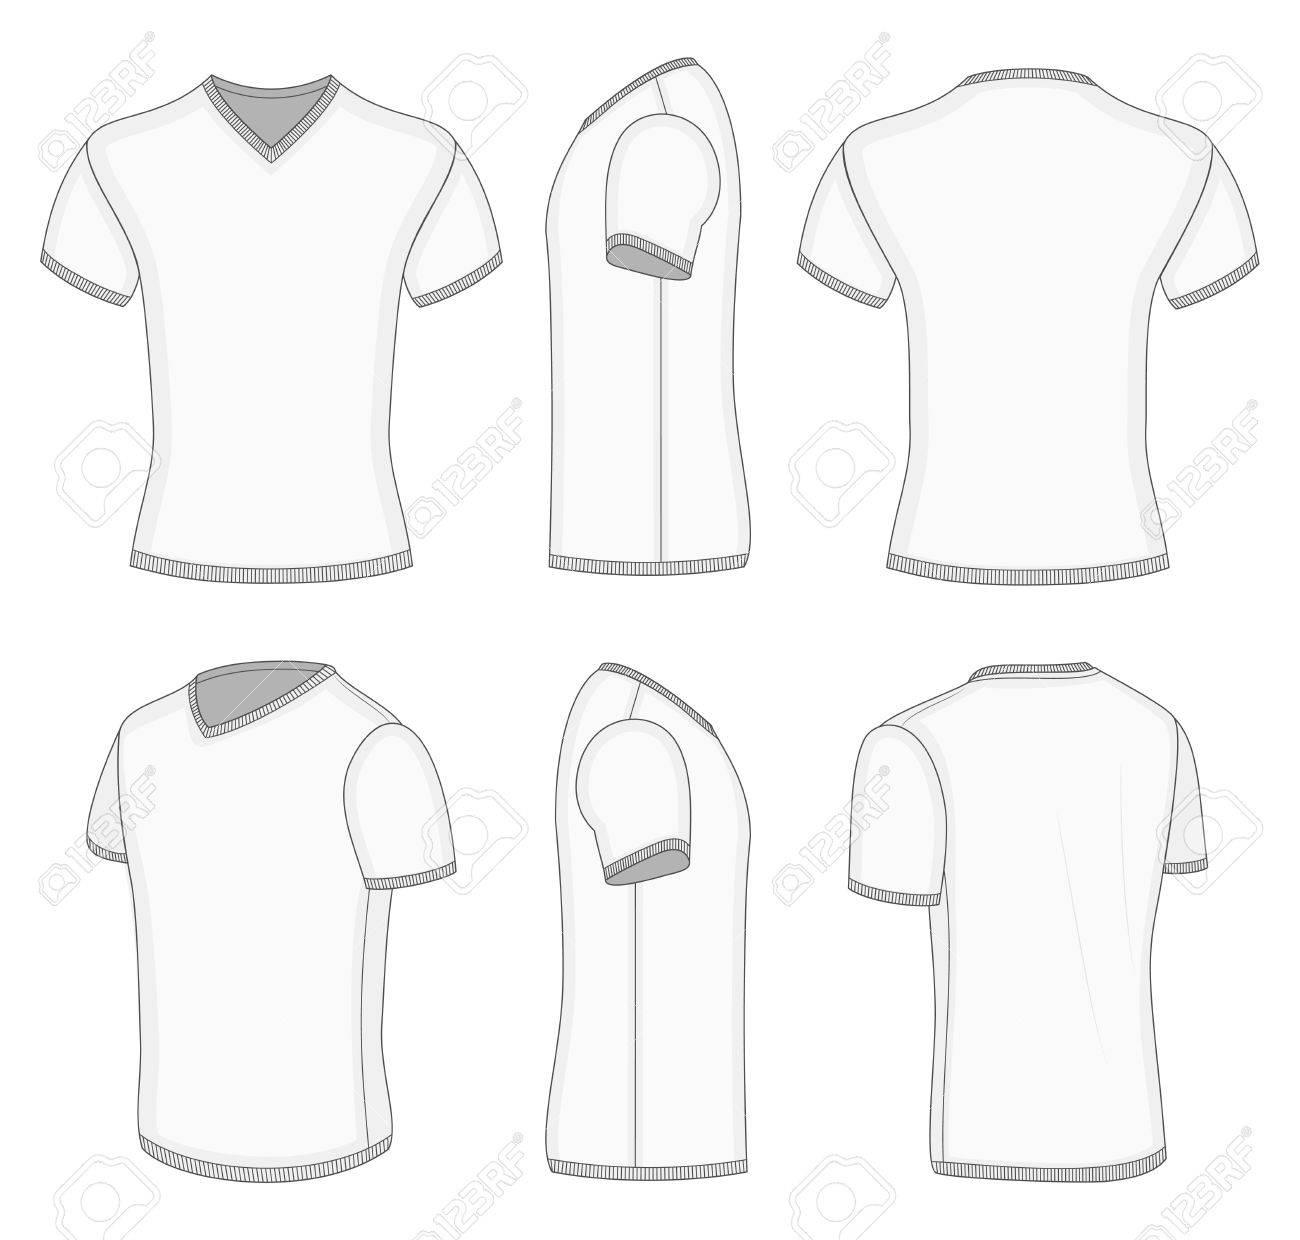 Alle Ansichten Weißer Herren Kurzarm-T-Shirt Mit V-Ausschnitt-Design ...